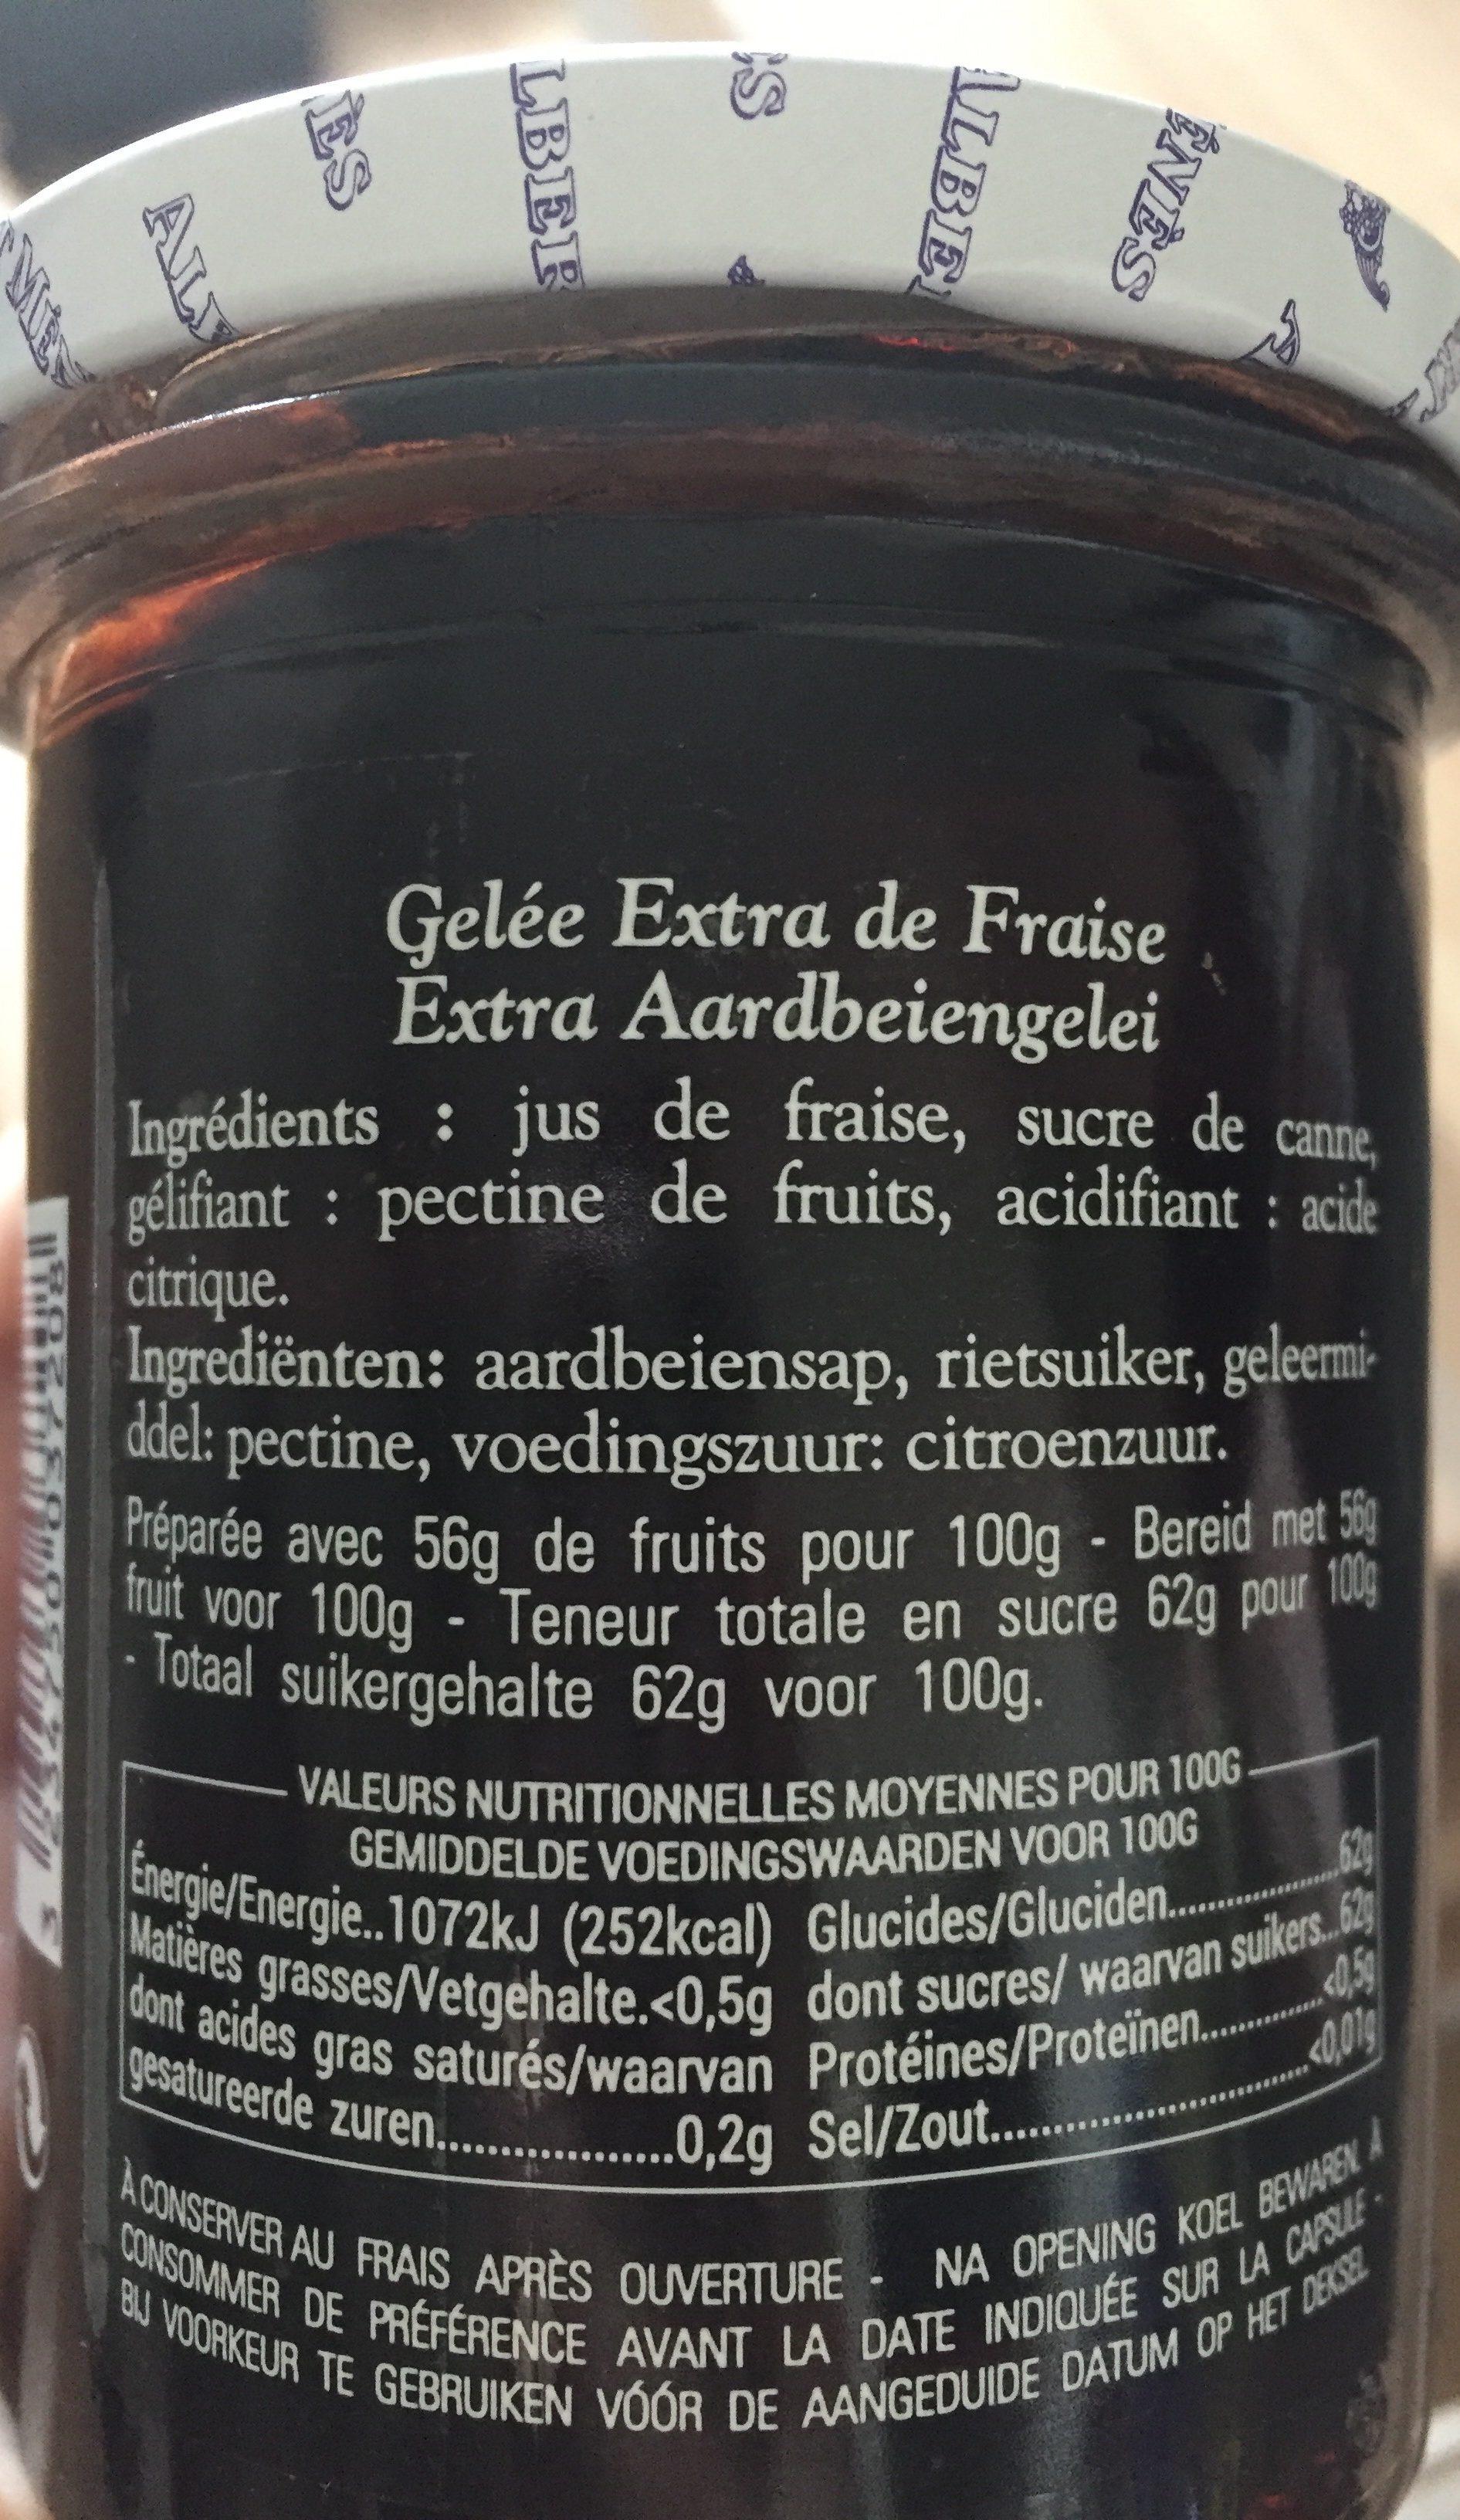 Gelée Extra de Fraise - Ingrédients - fr